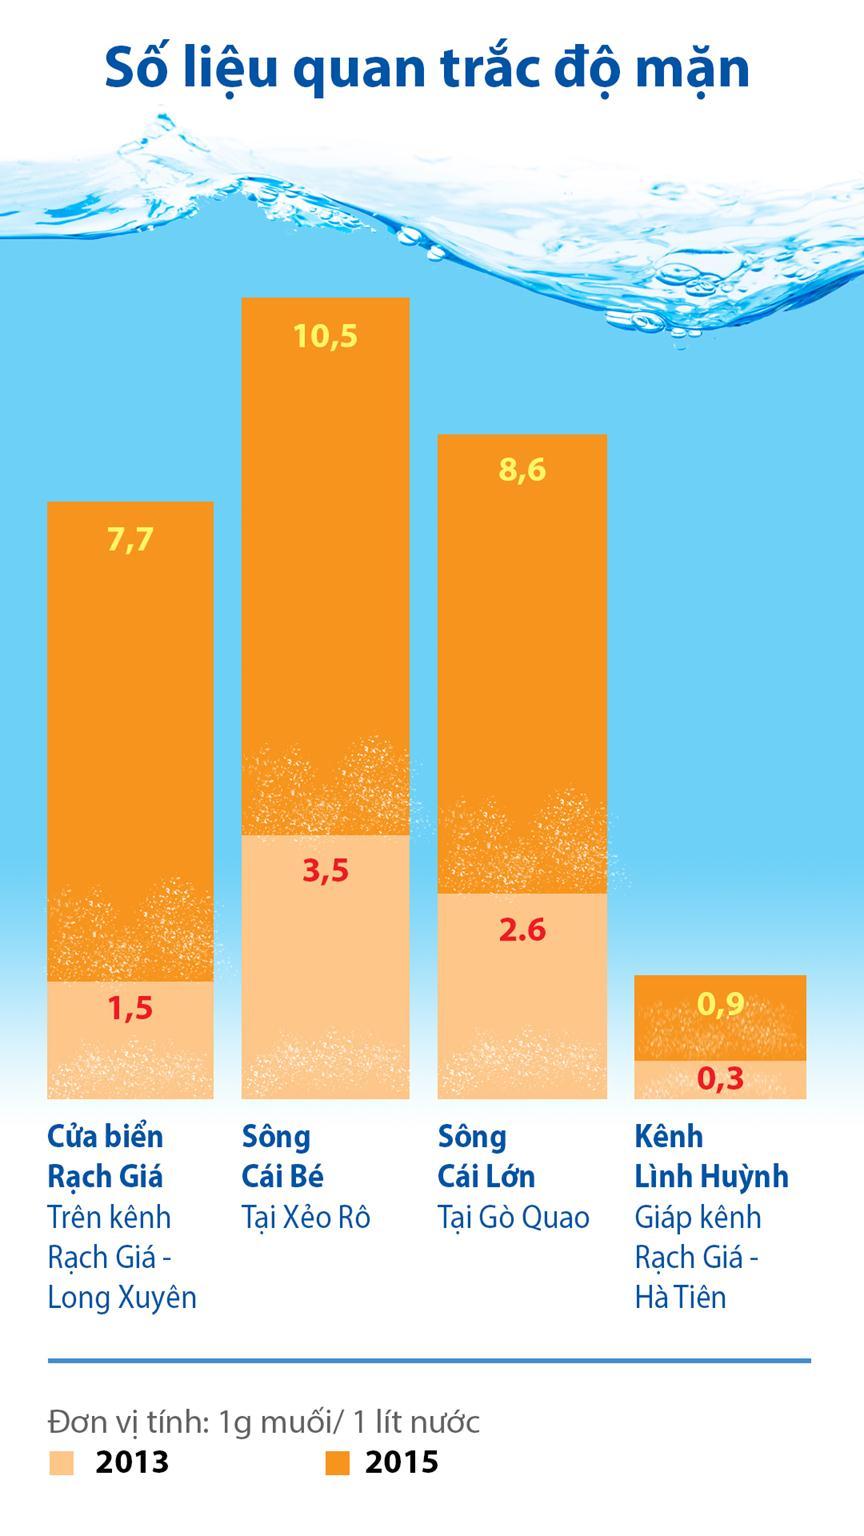 Nguồn: Trung tâm Khí tượng thủy văn Kiên Giang - Đồ họa: Tấn Đạt